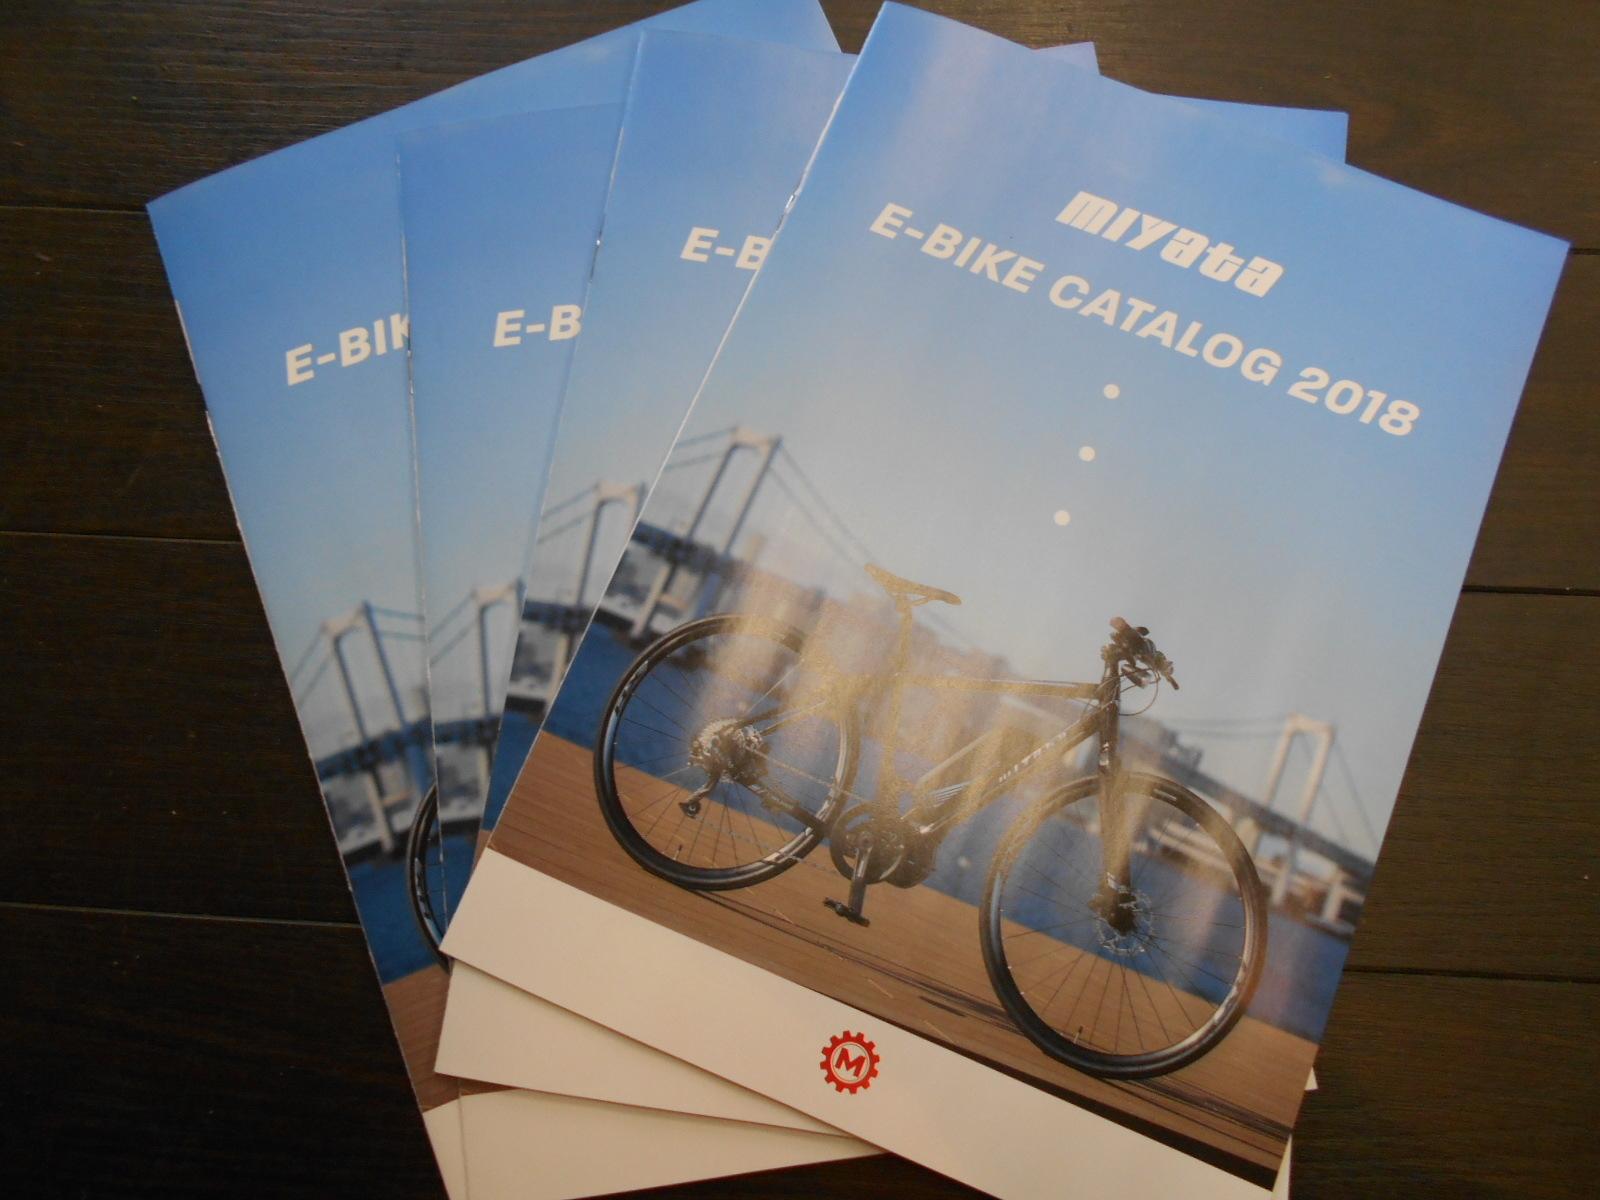 ミヤタからE-BIKEのカタログが来ました_b0189682_19412061.jpg